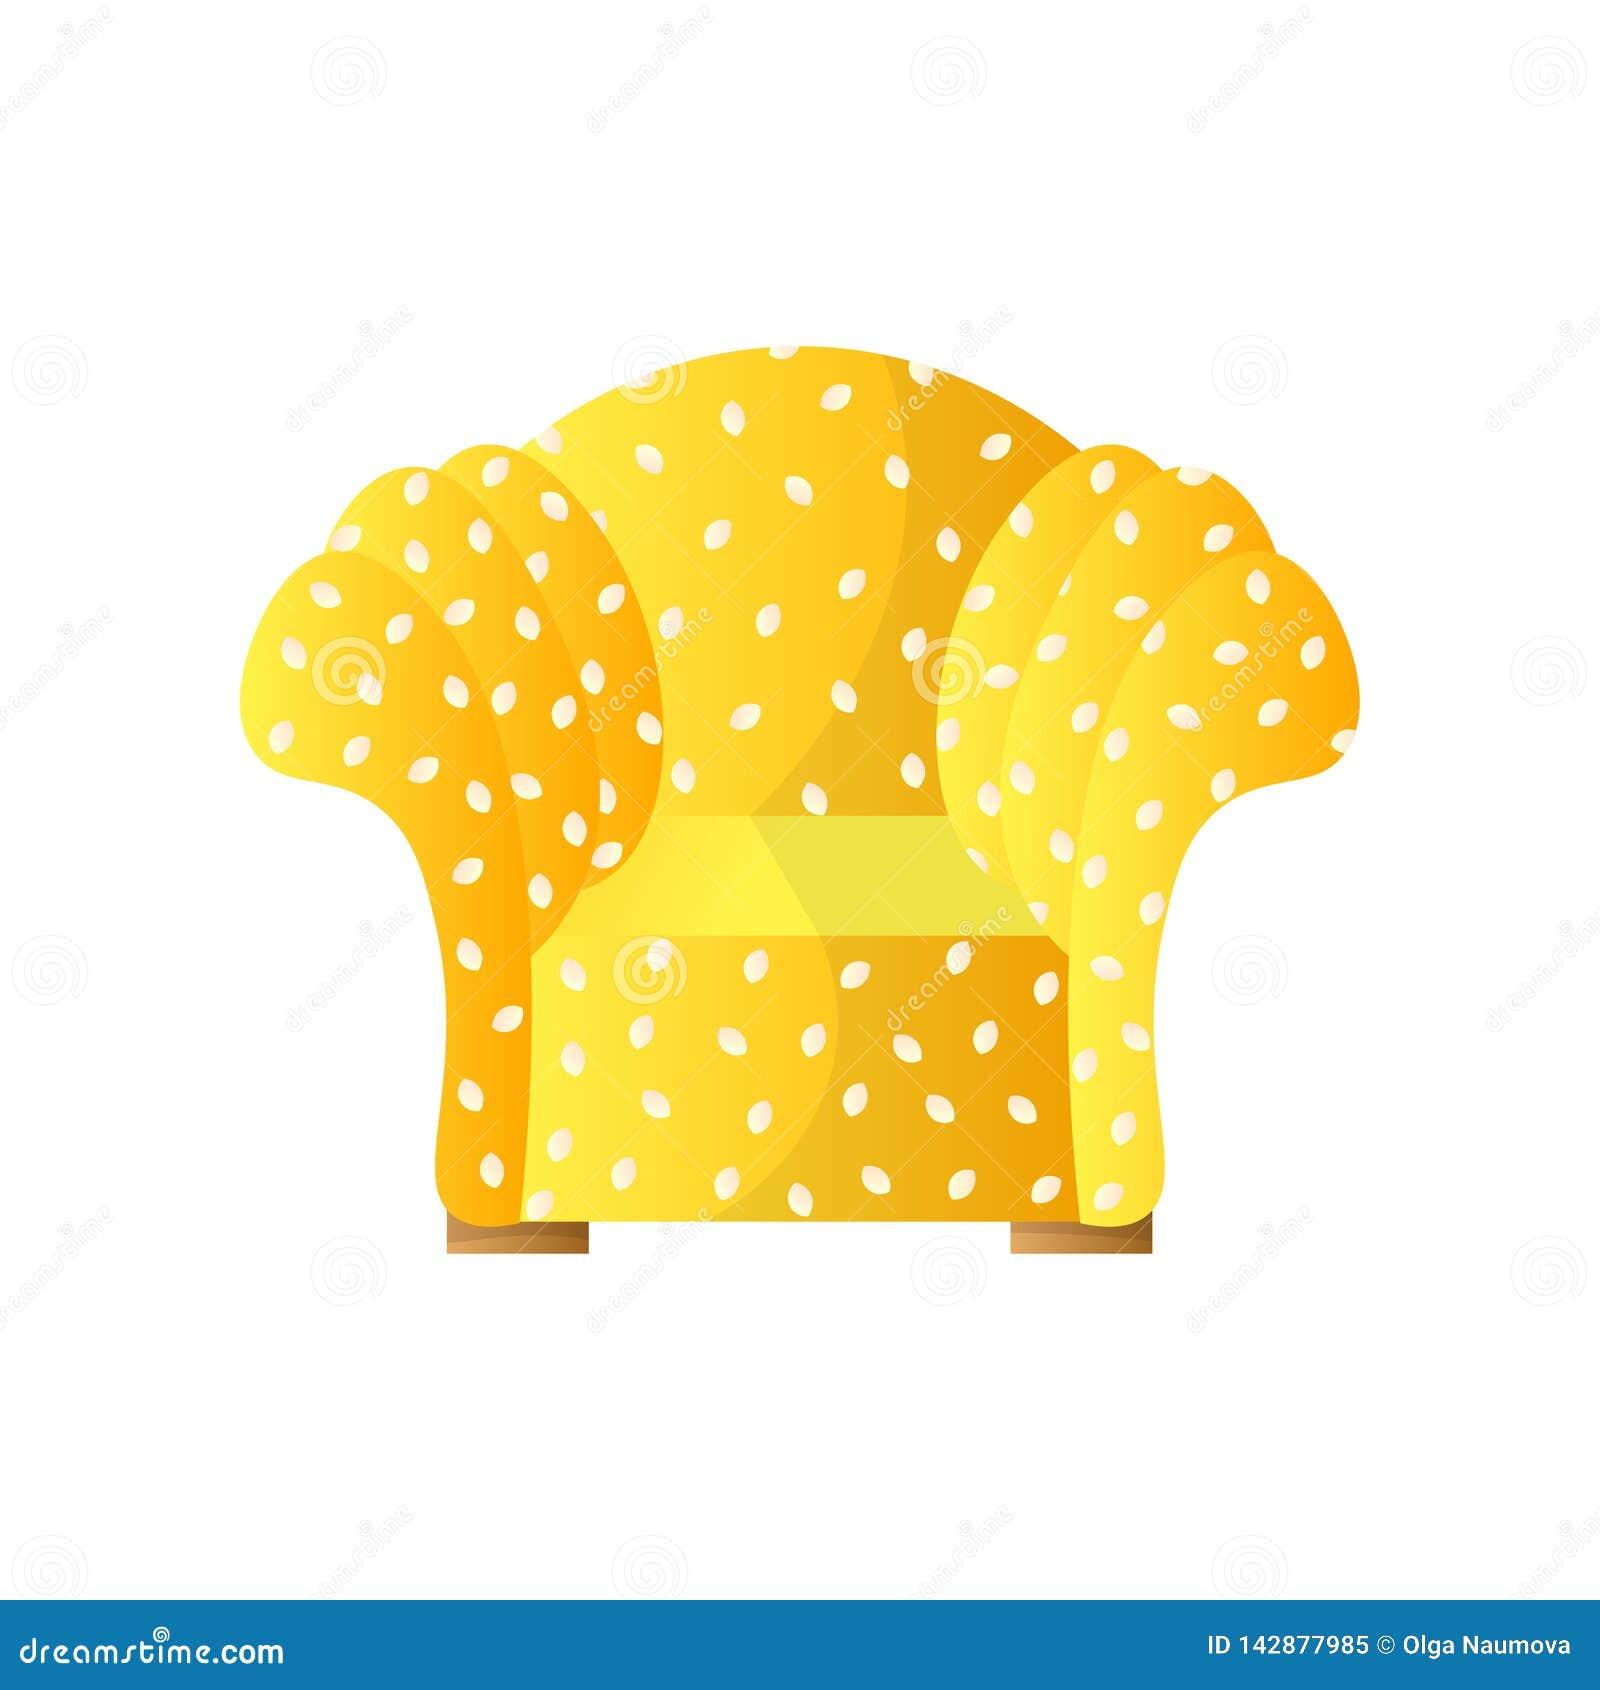 Het huis beschermde leunstoel met gestippelde gele stoffering, brede zachte wapens en rug